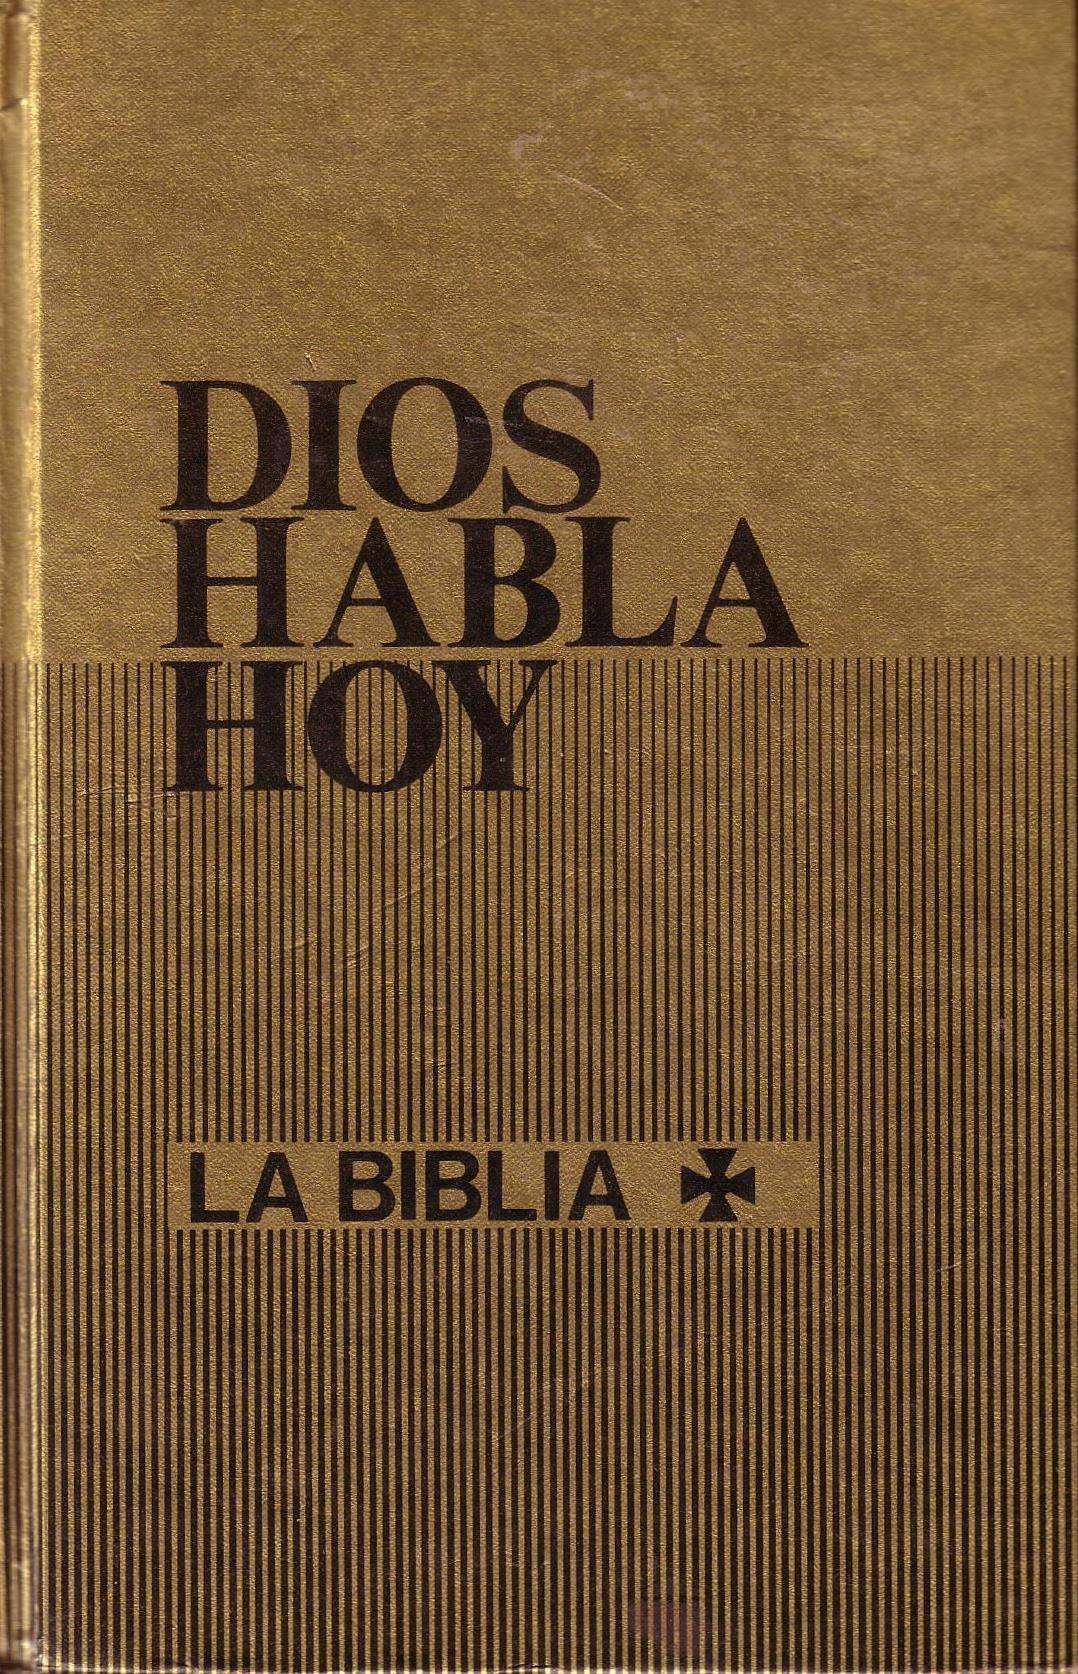 Dios habla hoy la biblia con deuterocanonicos version popular sociedad biblica americana amazon com books